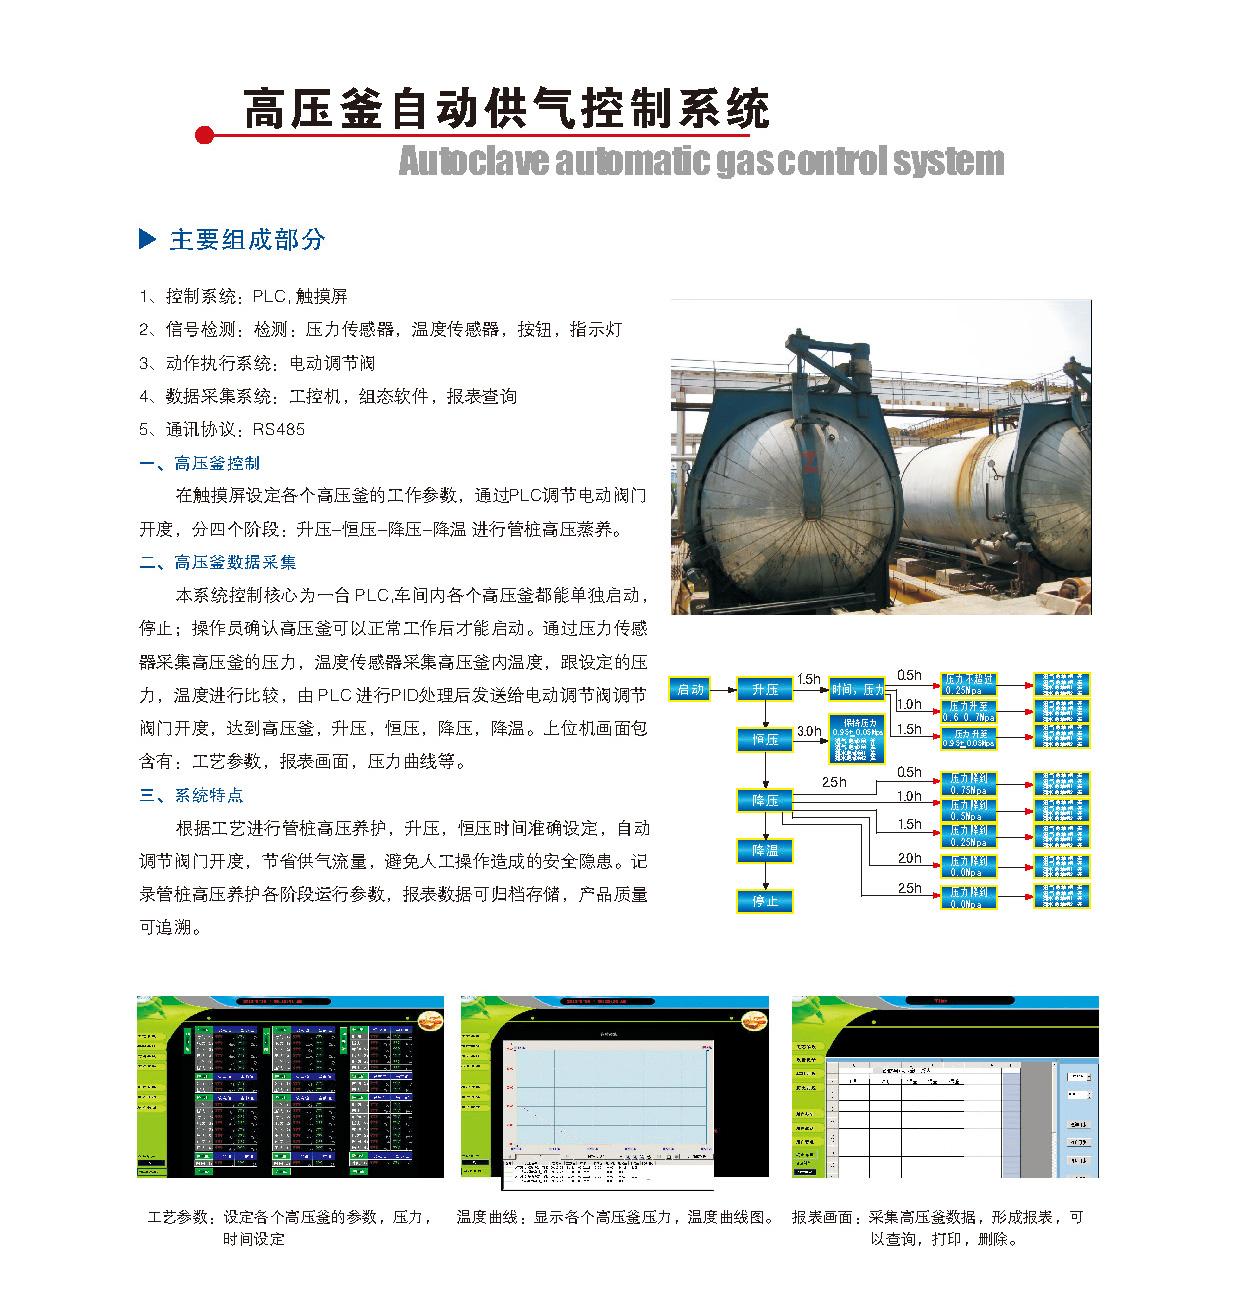 高压釜自动供气控制系统